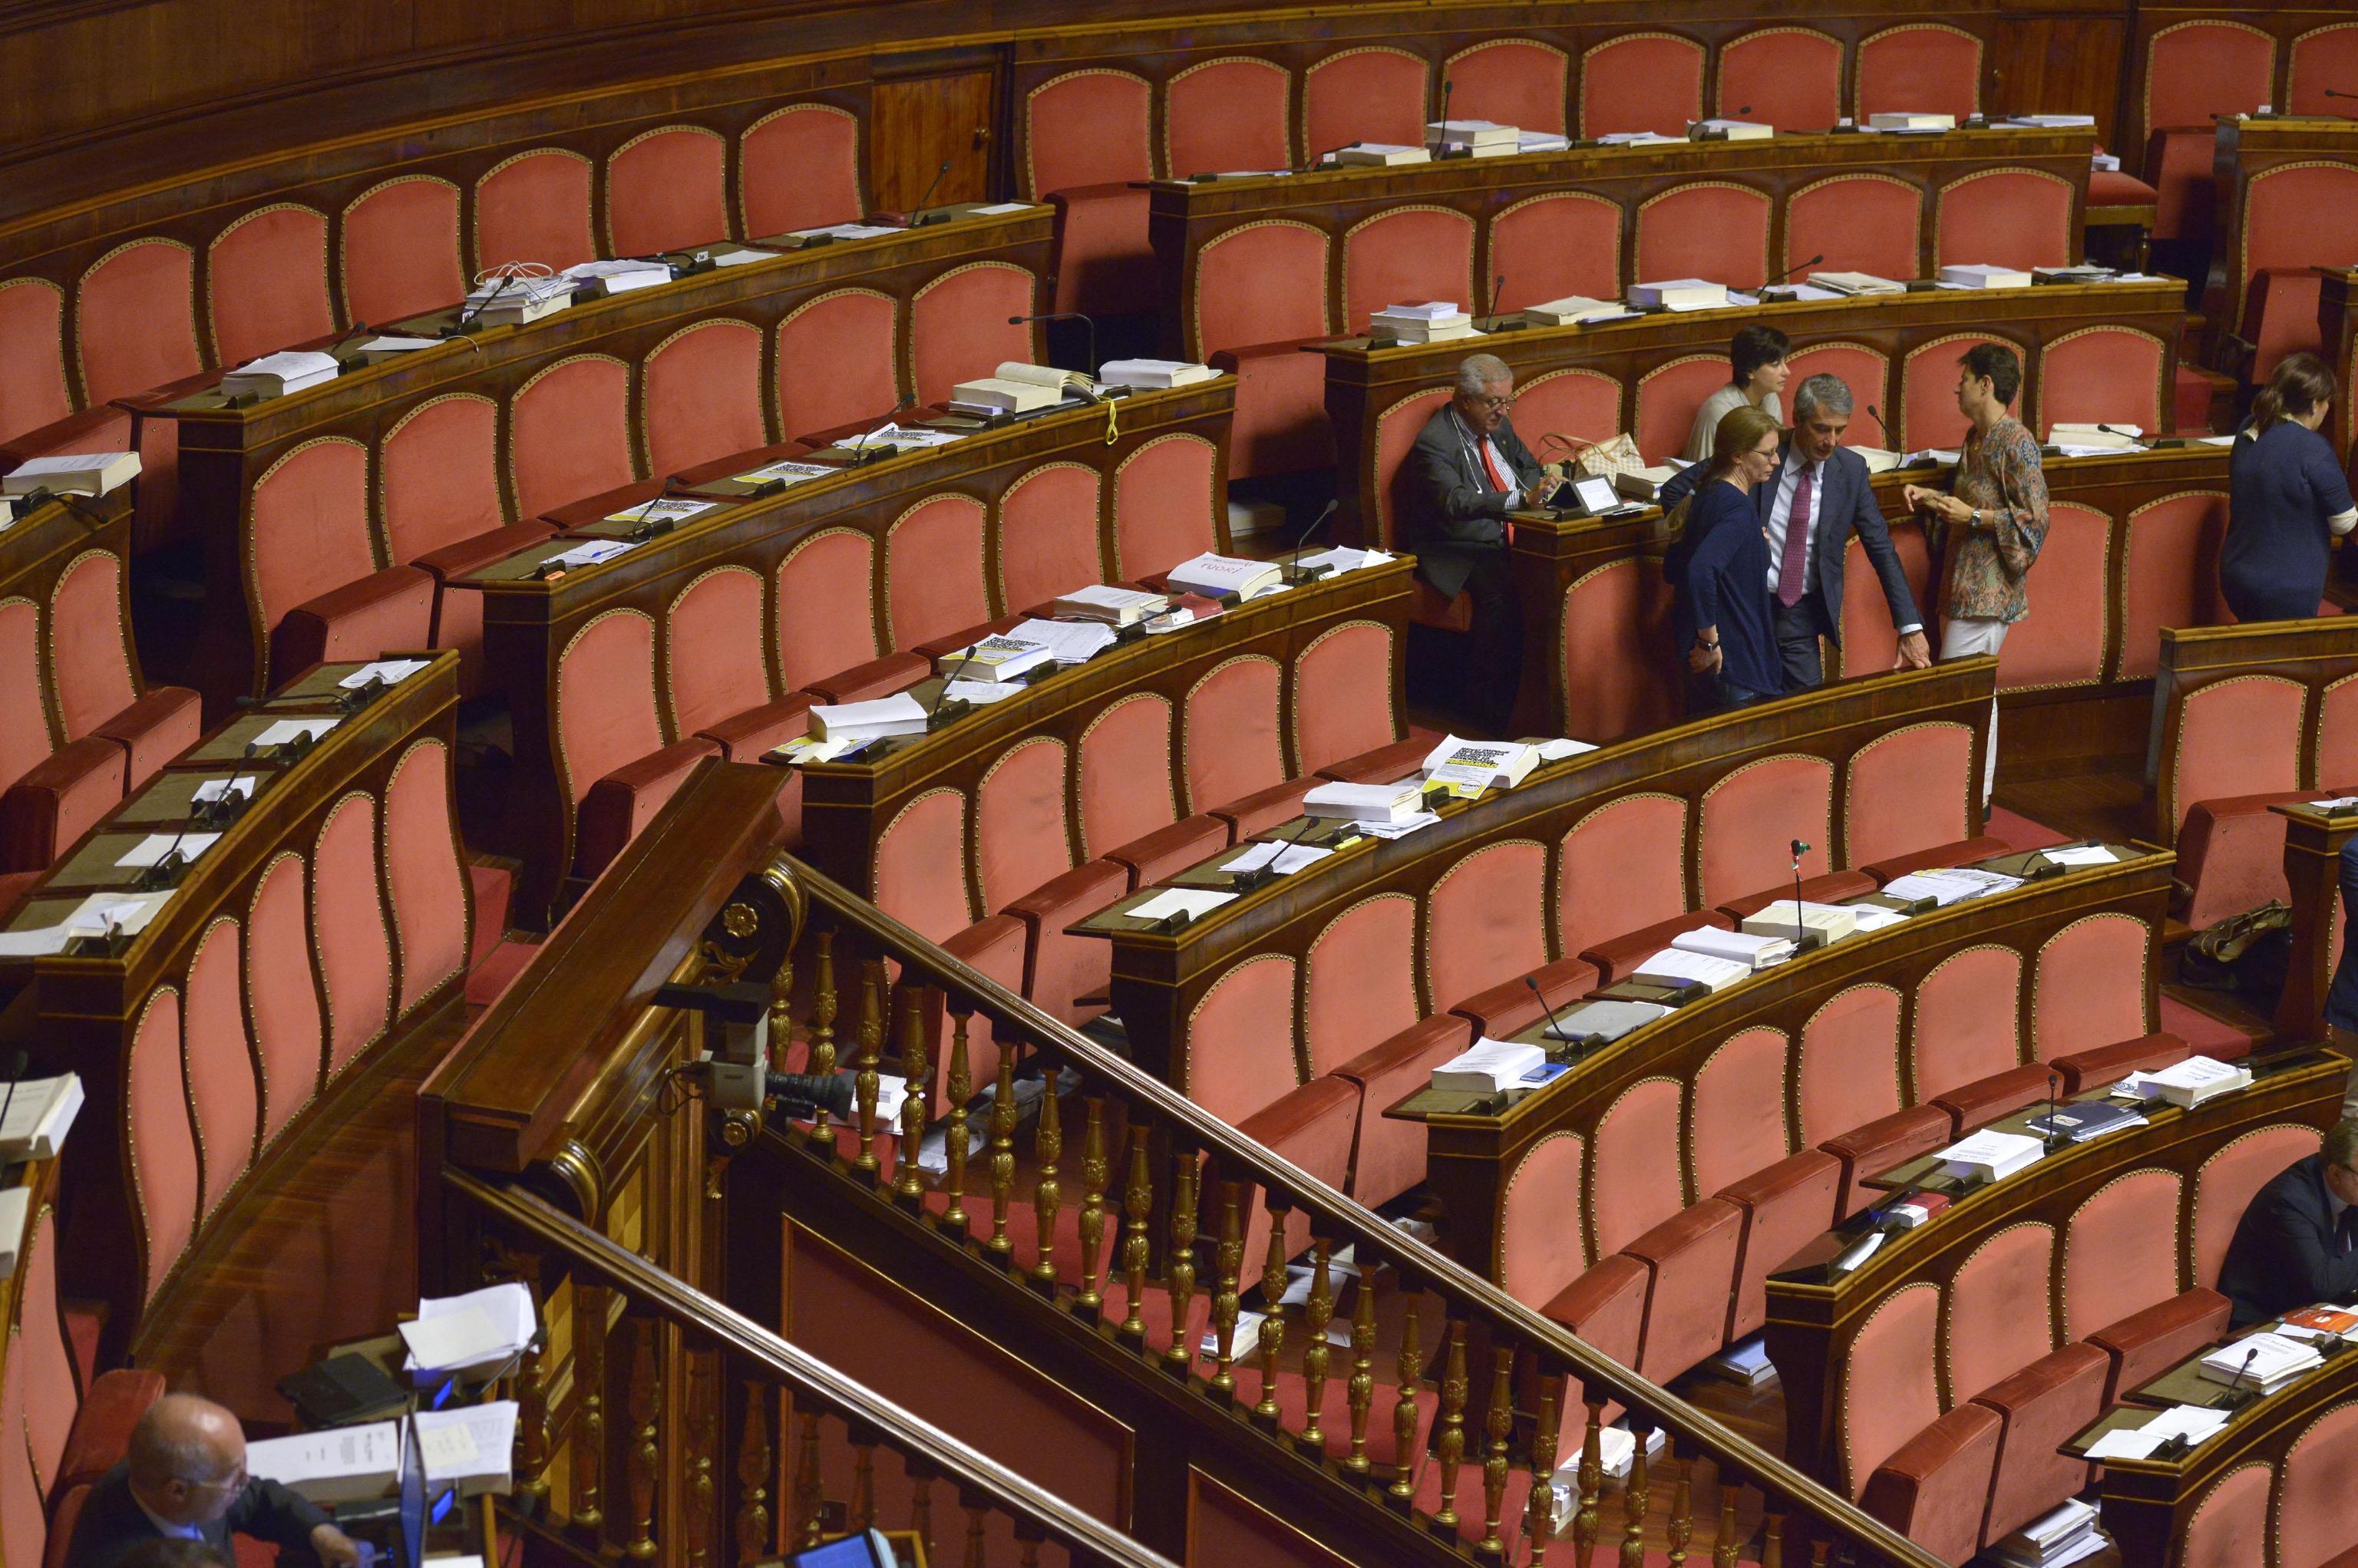 I banchi semivuoti dell'Aula del Senato dopo l'abbandono dei senatori del M5s e della Lega Nord, Roma, 01 Agosto 2014. ANSA / LUIGI MISTRULLI